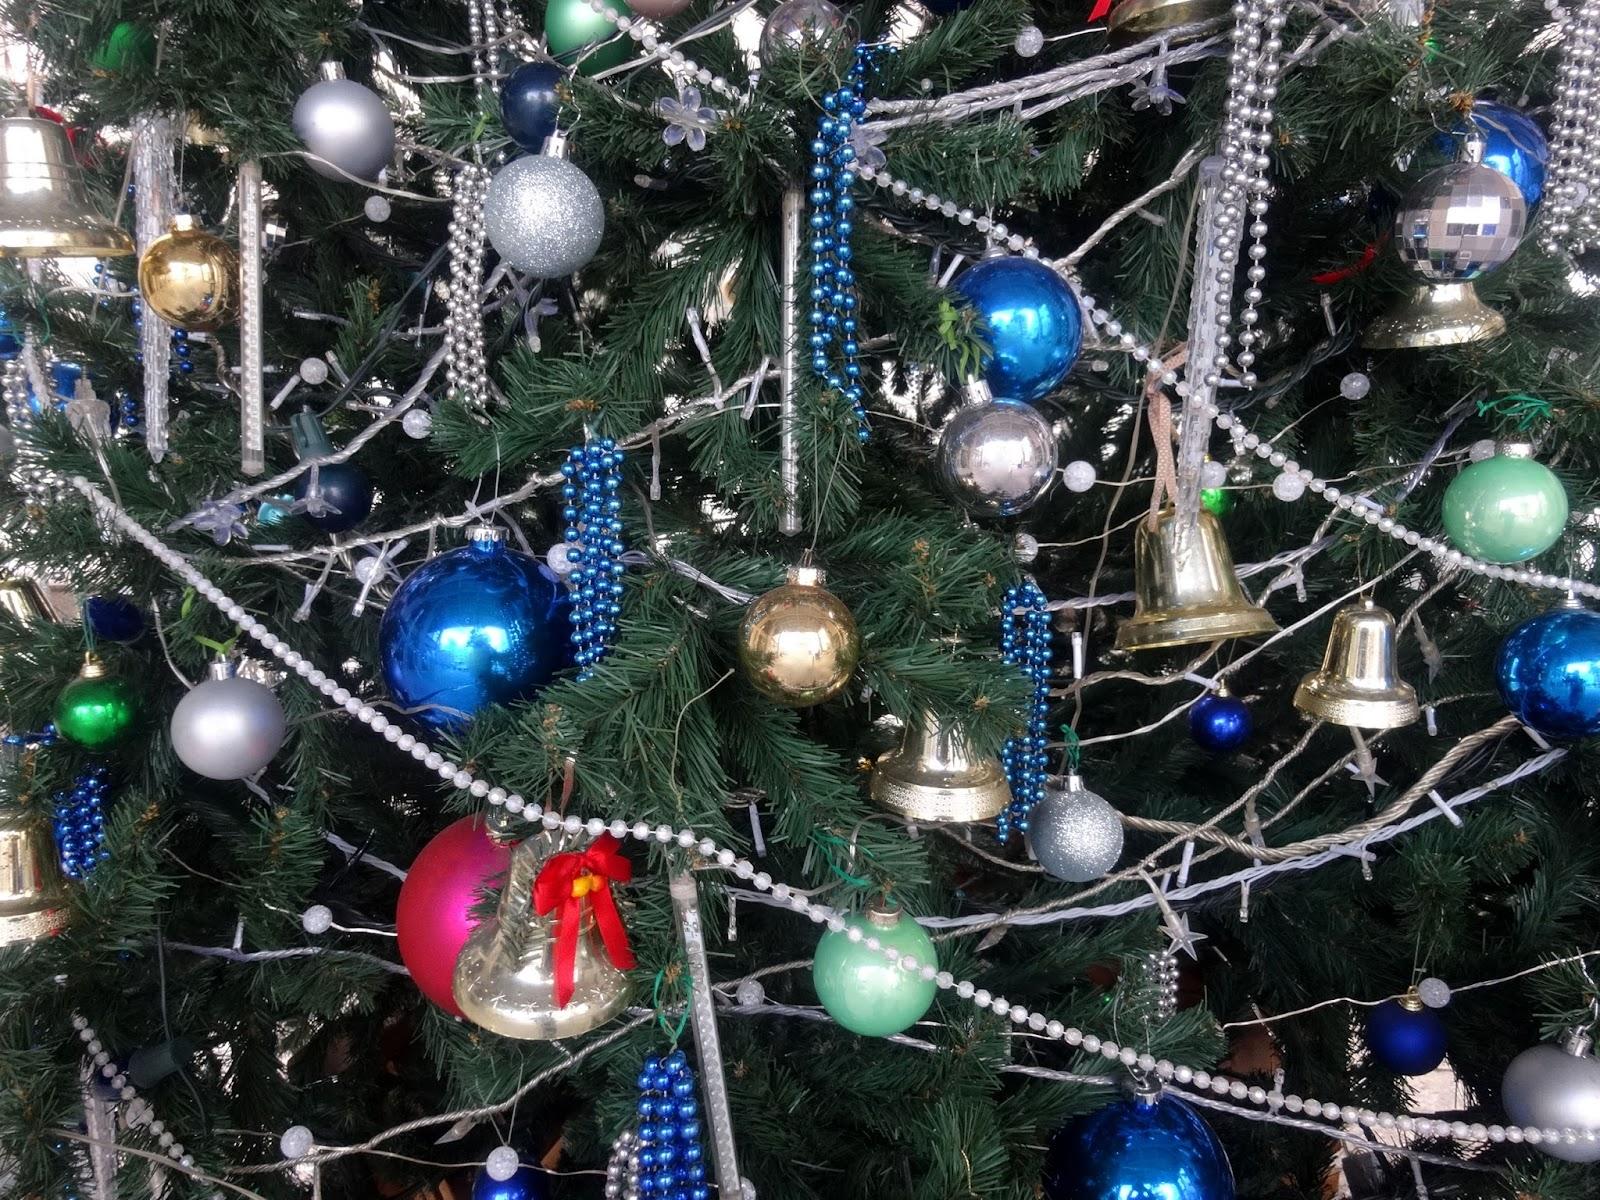 クリスマスツリー装飾〈著作権フリー画像〉Free Stock Photos